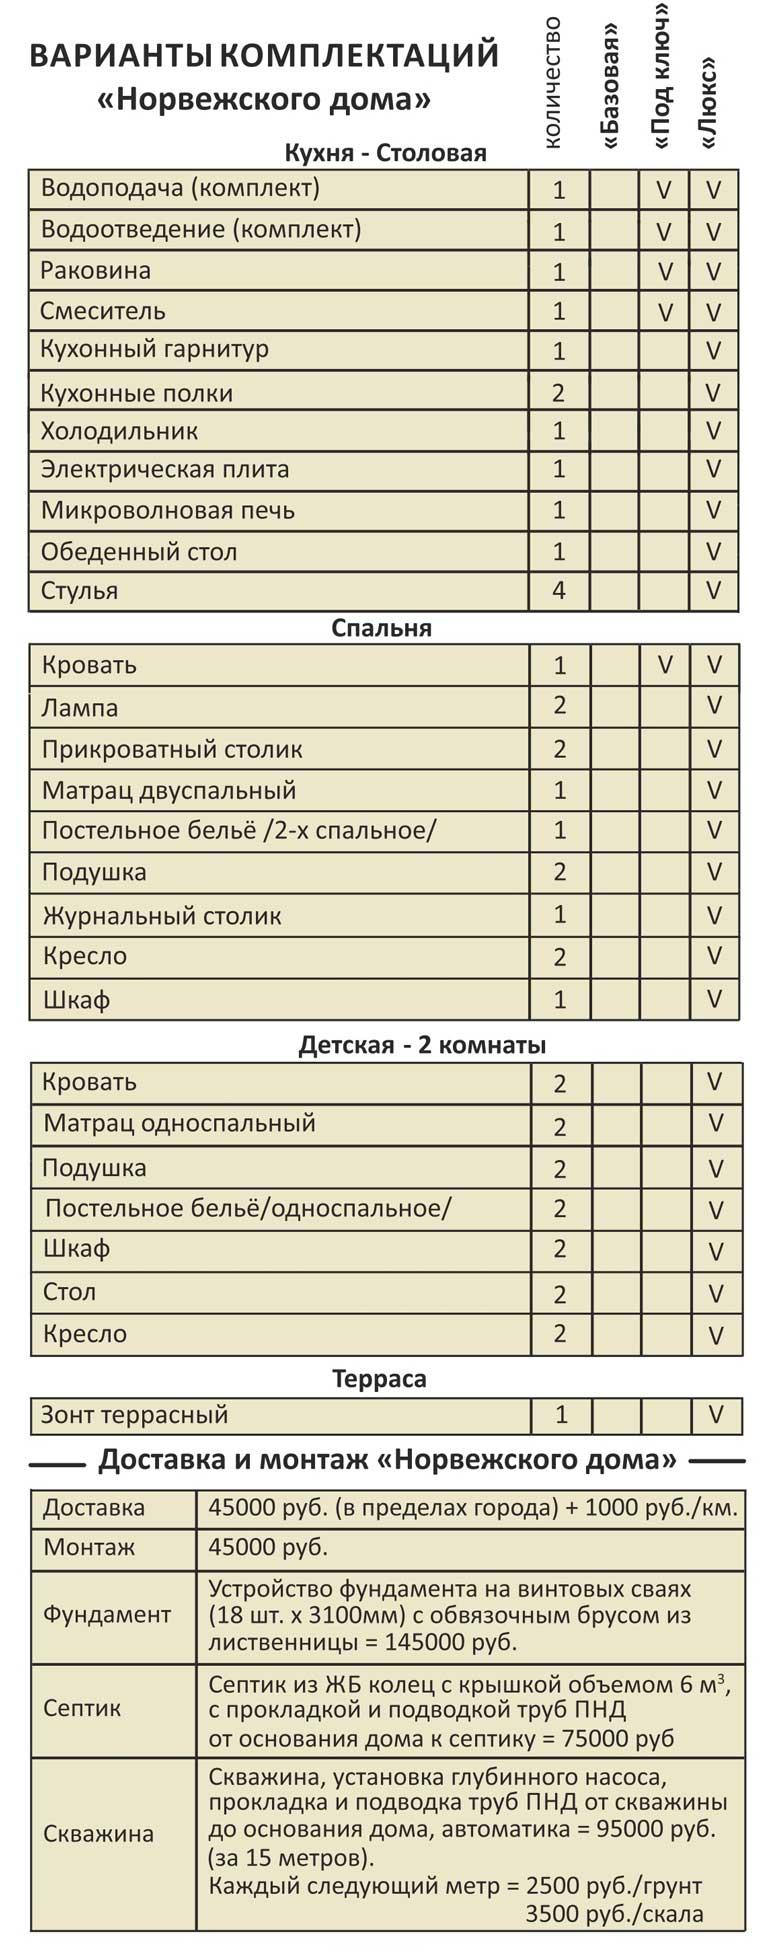 norvezhskiy-dom-73-skandis-kursk